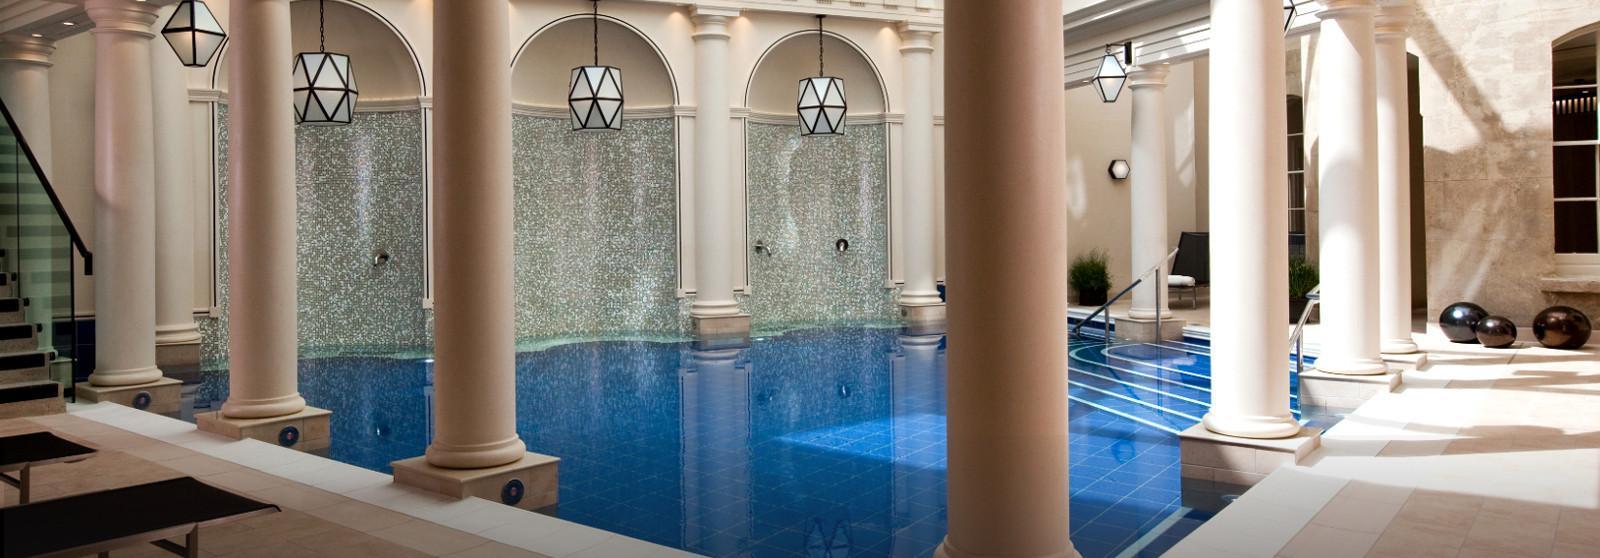 英国唯一一家天然温泉水疗 酒店  www.lhw.cn